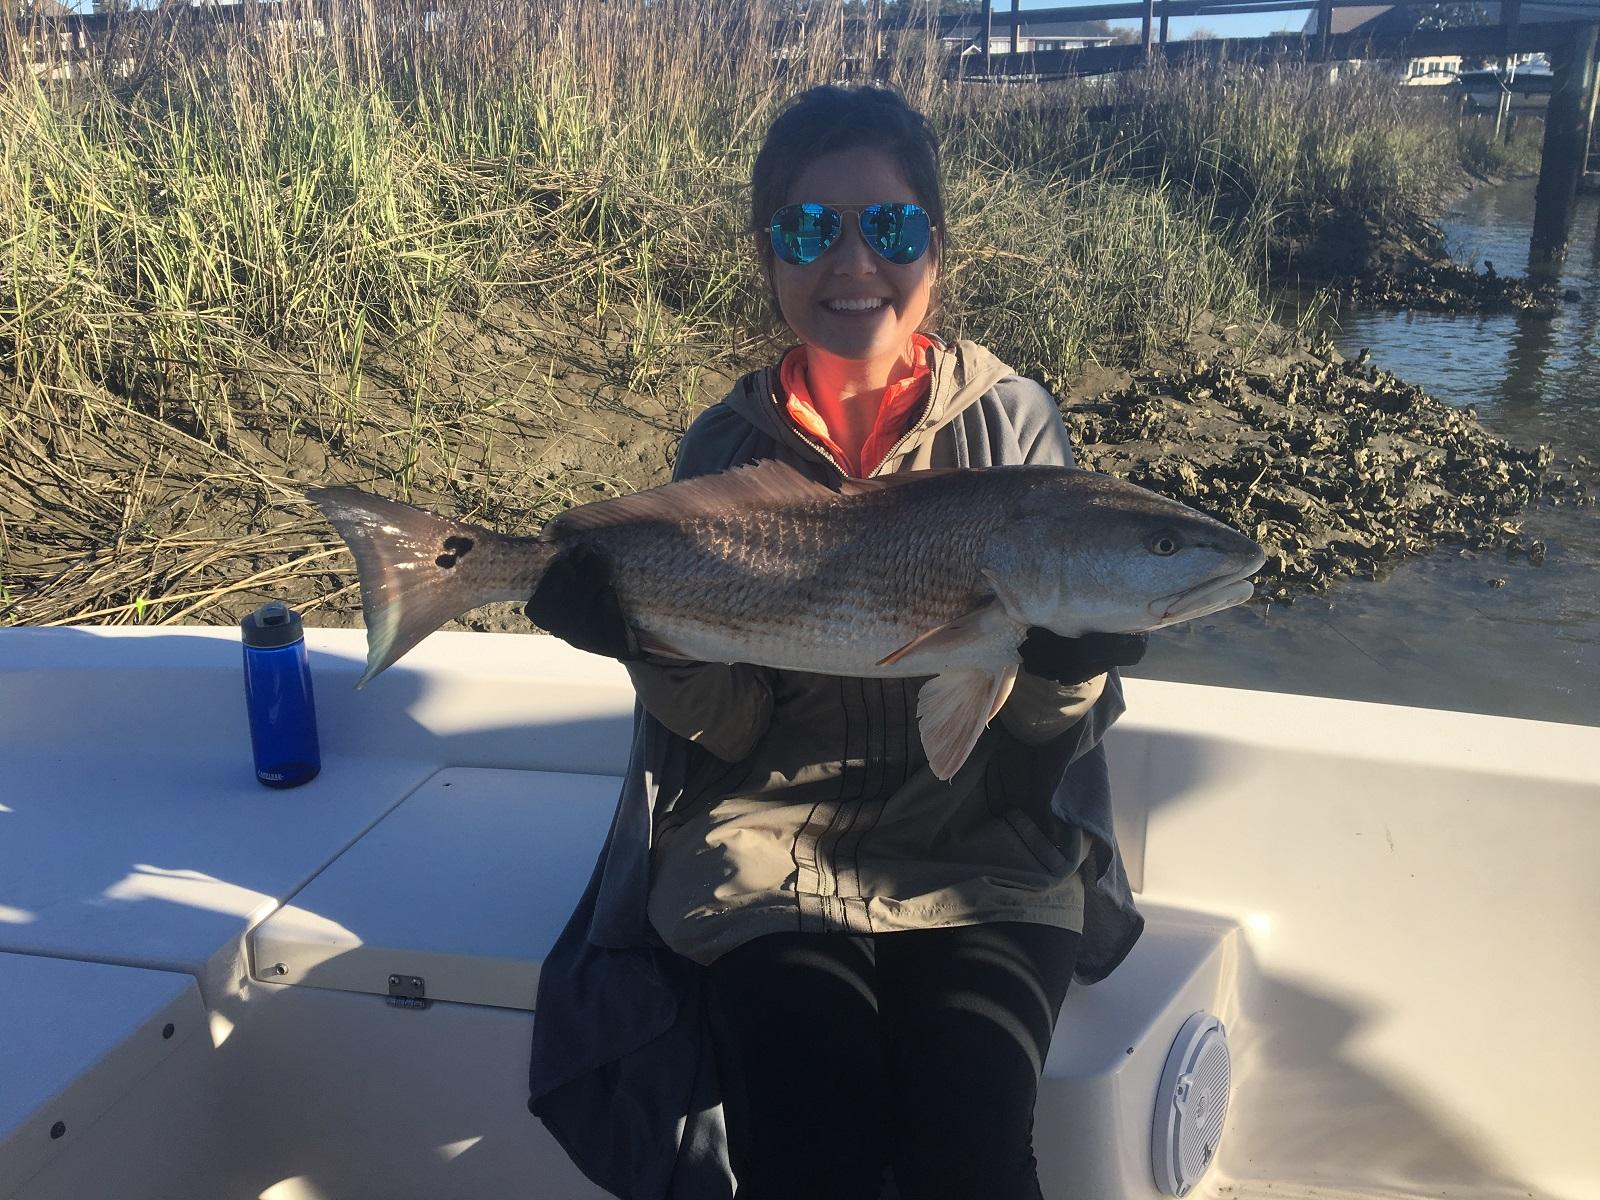 Charleston fishing inshore report 4 2 17 charleston deep for Deep sea fishing charters charleston sc